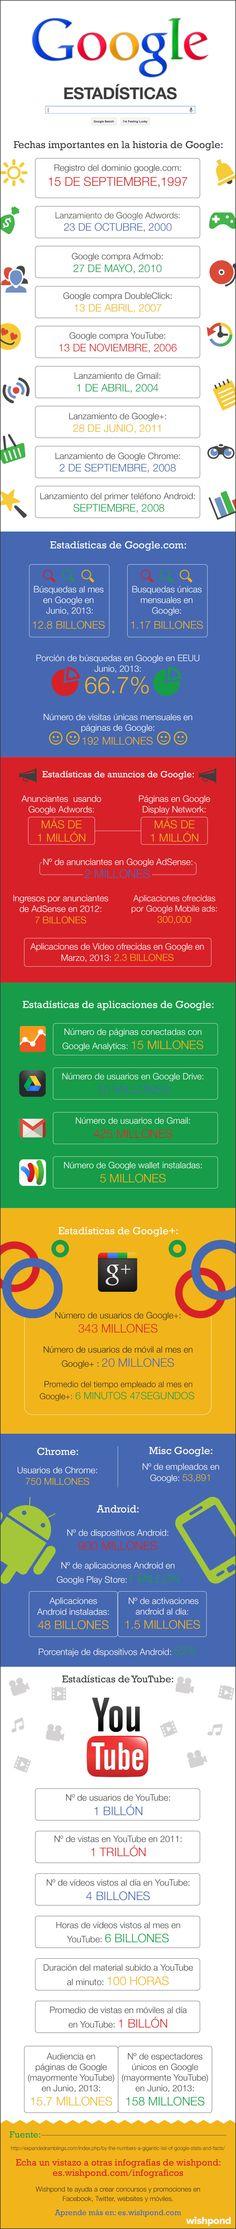 Google: estadísticas impresionantes #infografia